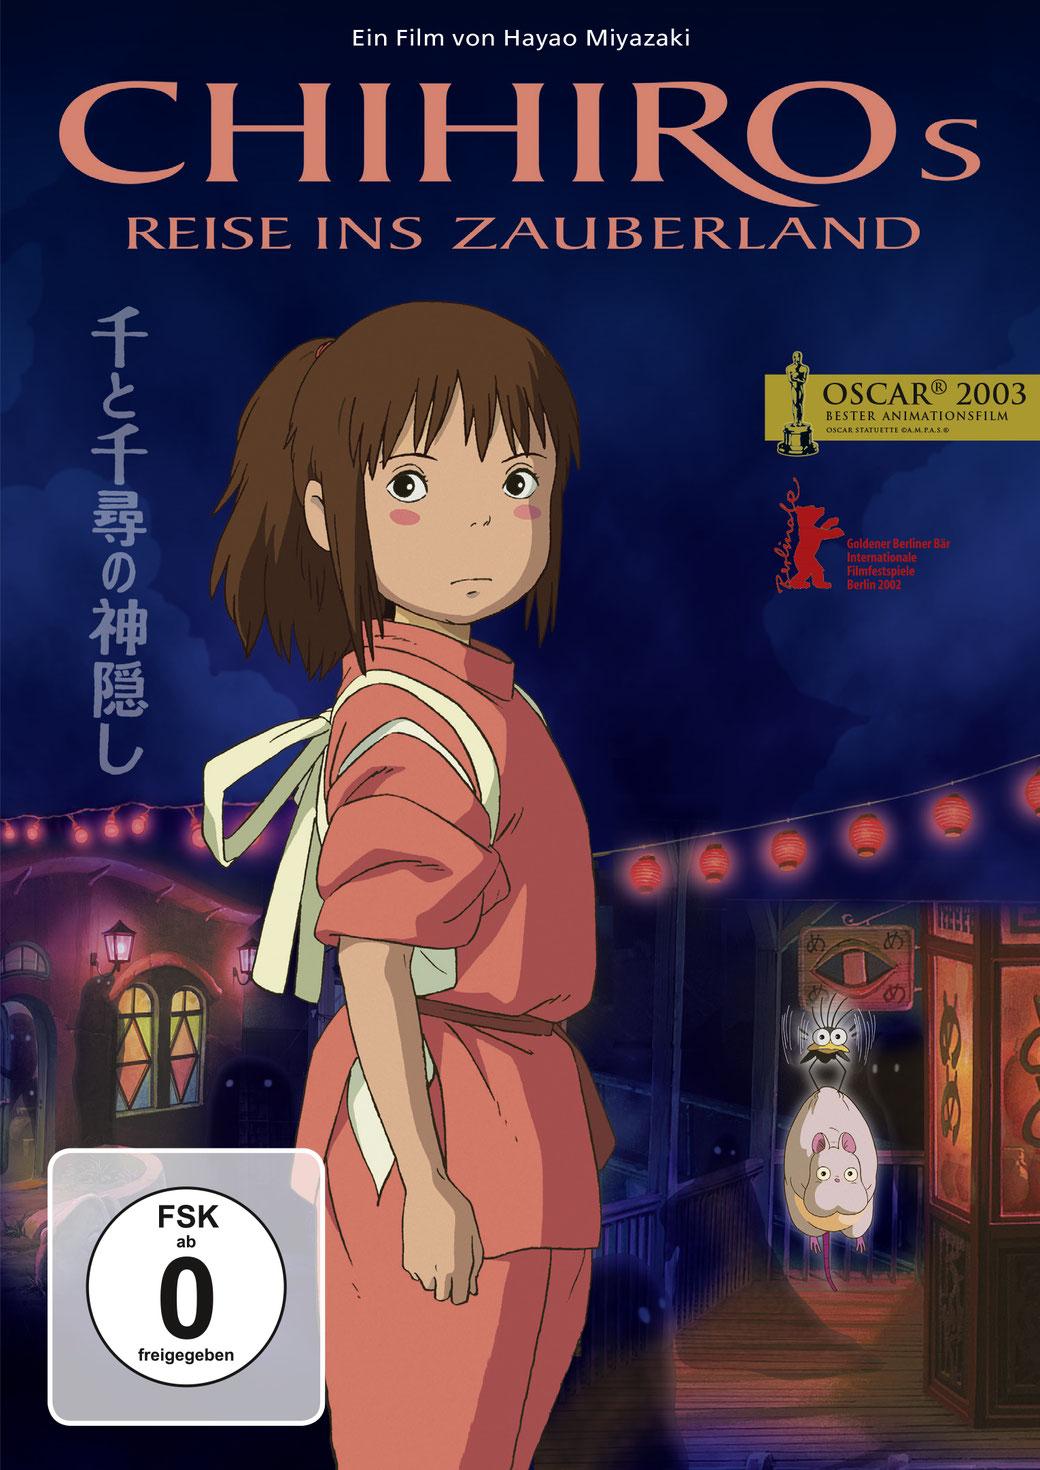 Erfahrung, Erfahrungen, Bericht, Ghibli, Studio Ghibli, Netflix, Streaming, Film, Chihiros Reise ins Zauberland, News, Nachrichten, Meinung